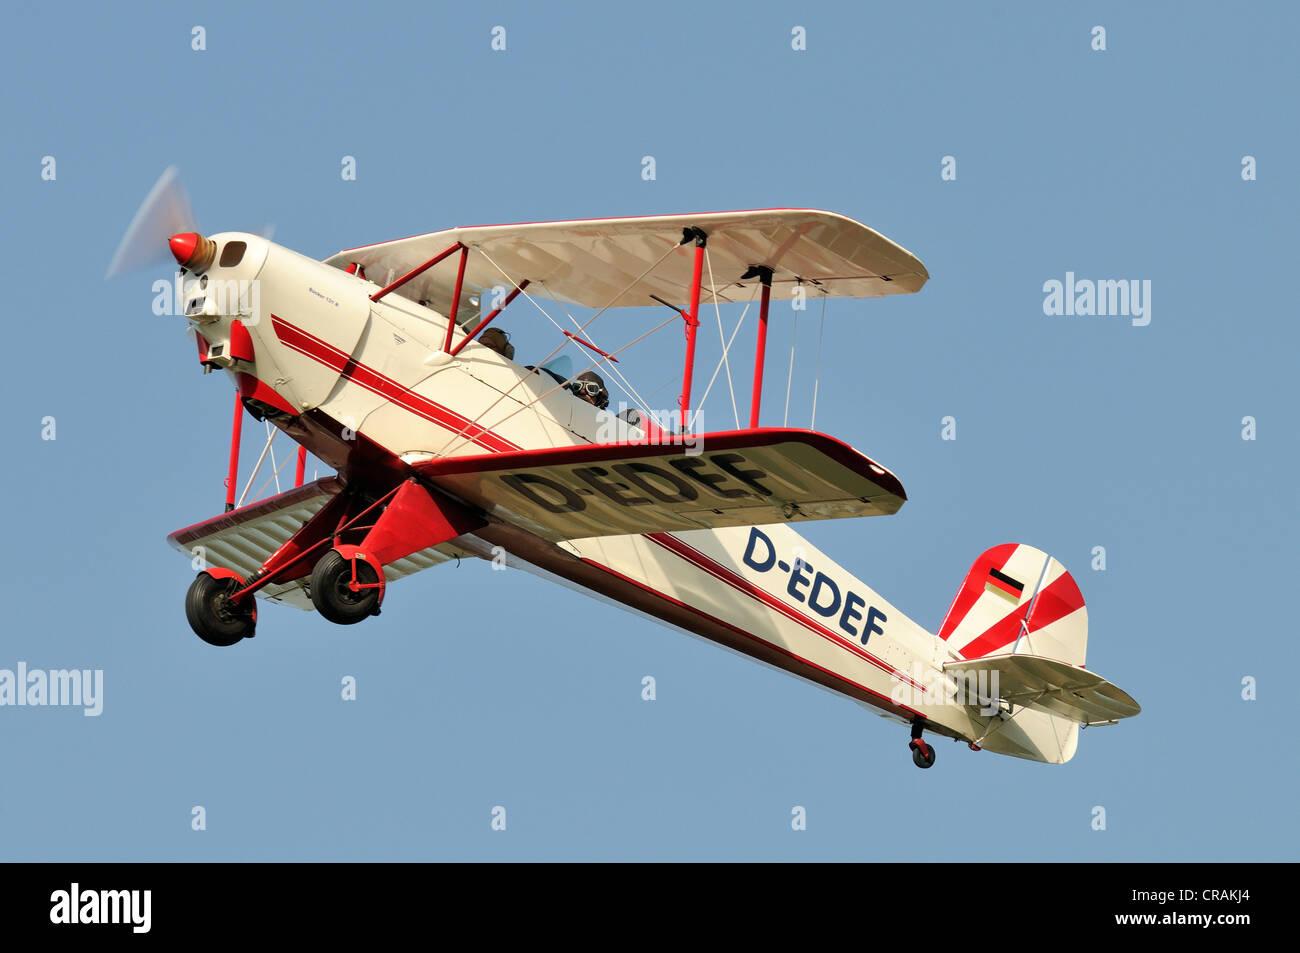 711-2-131 allemand Buecker Lerche biplan, premier vol en 1934, la plus grande réunion des aéronefs à Photo Stock